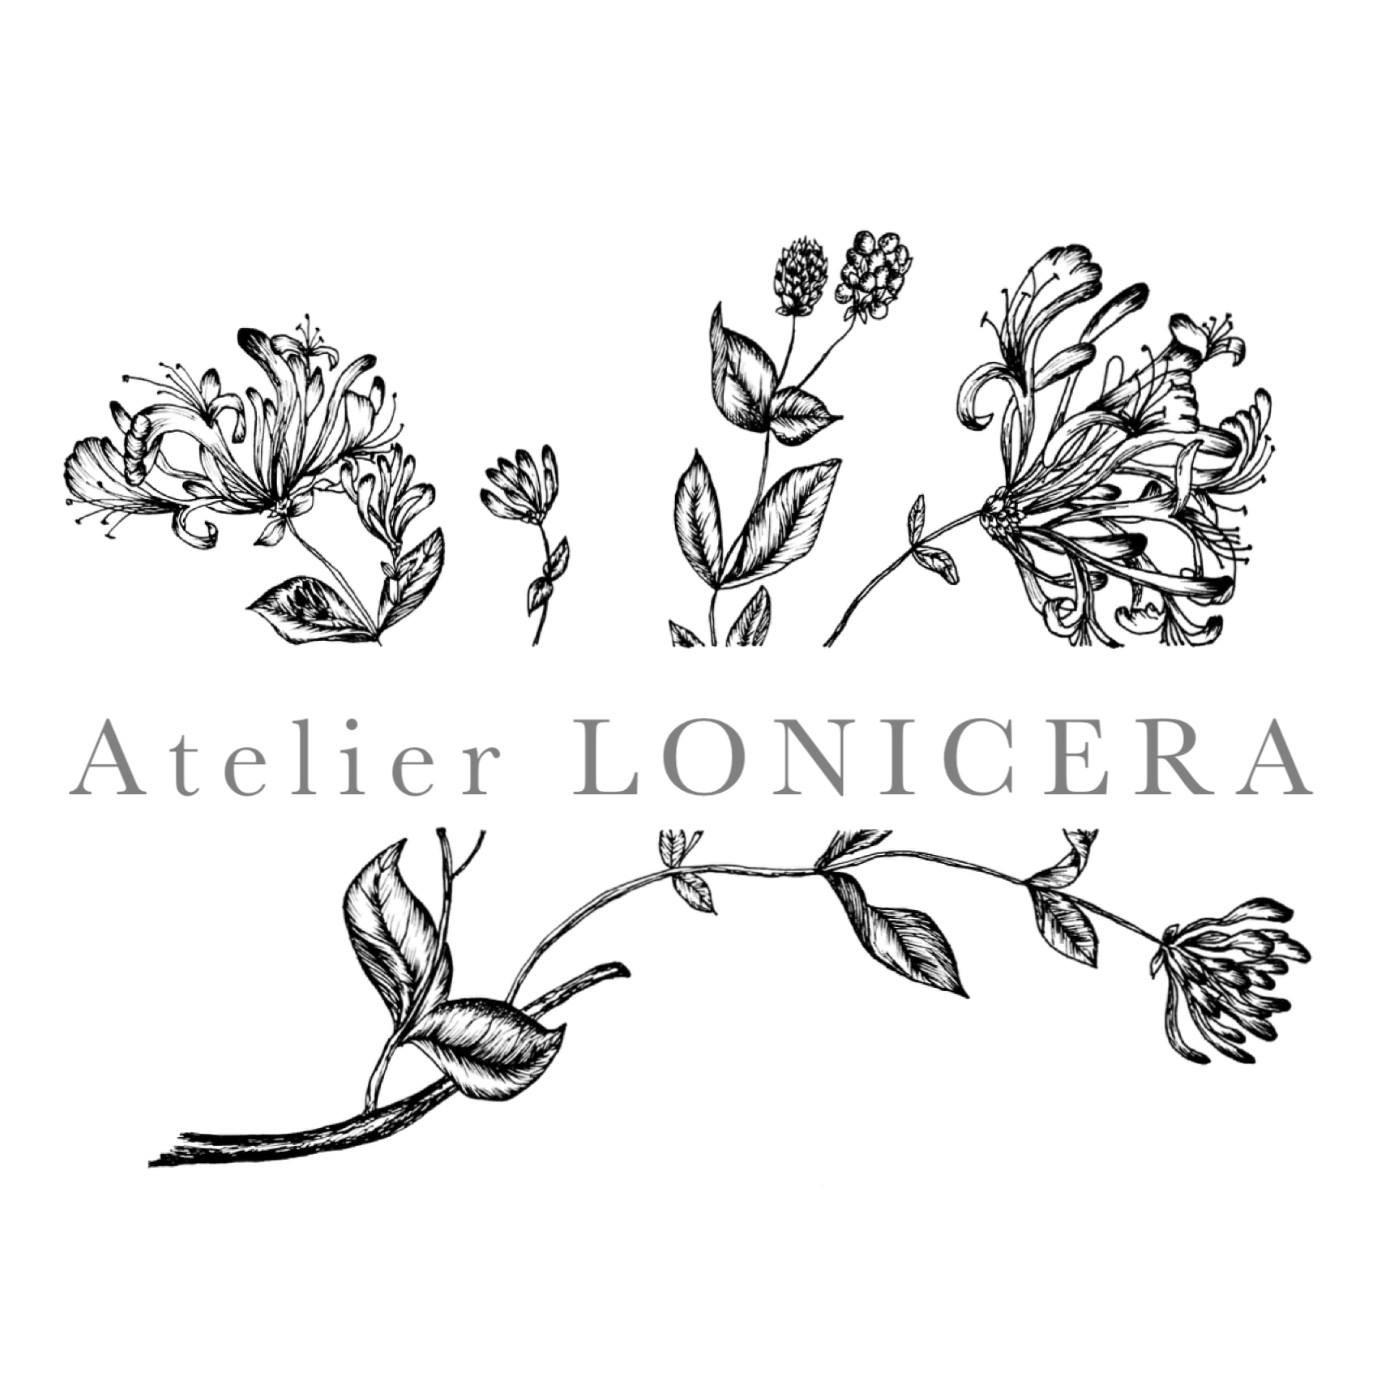 Atelier Lonicera